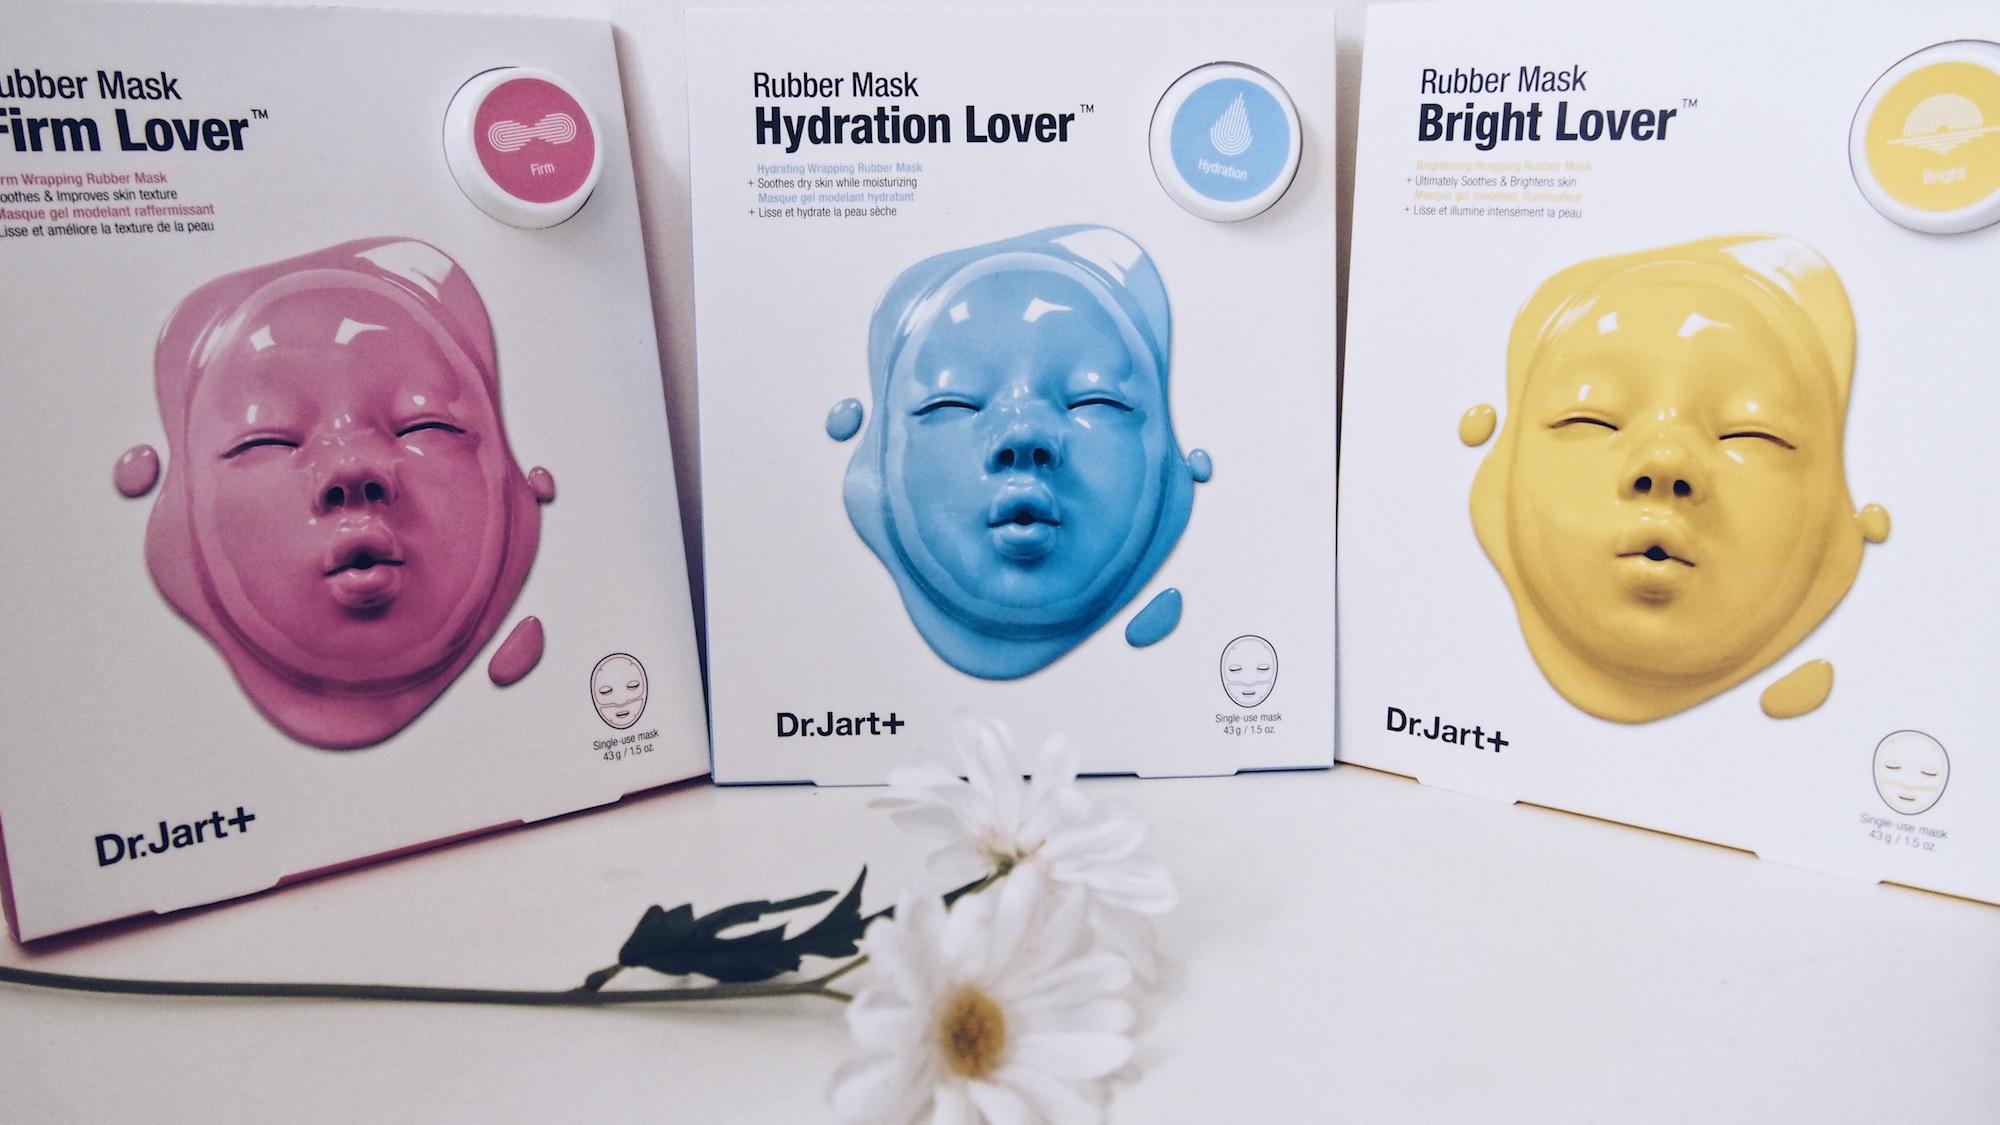 Les Rubber Masks de Dr.Jart +